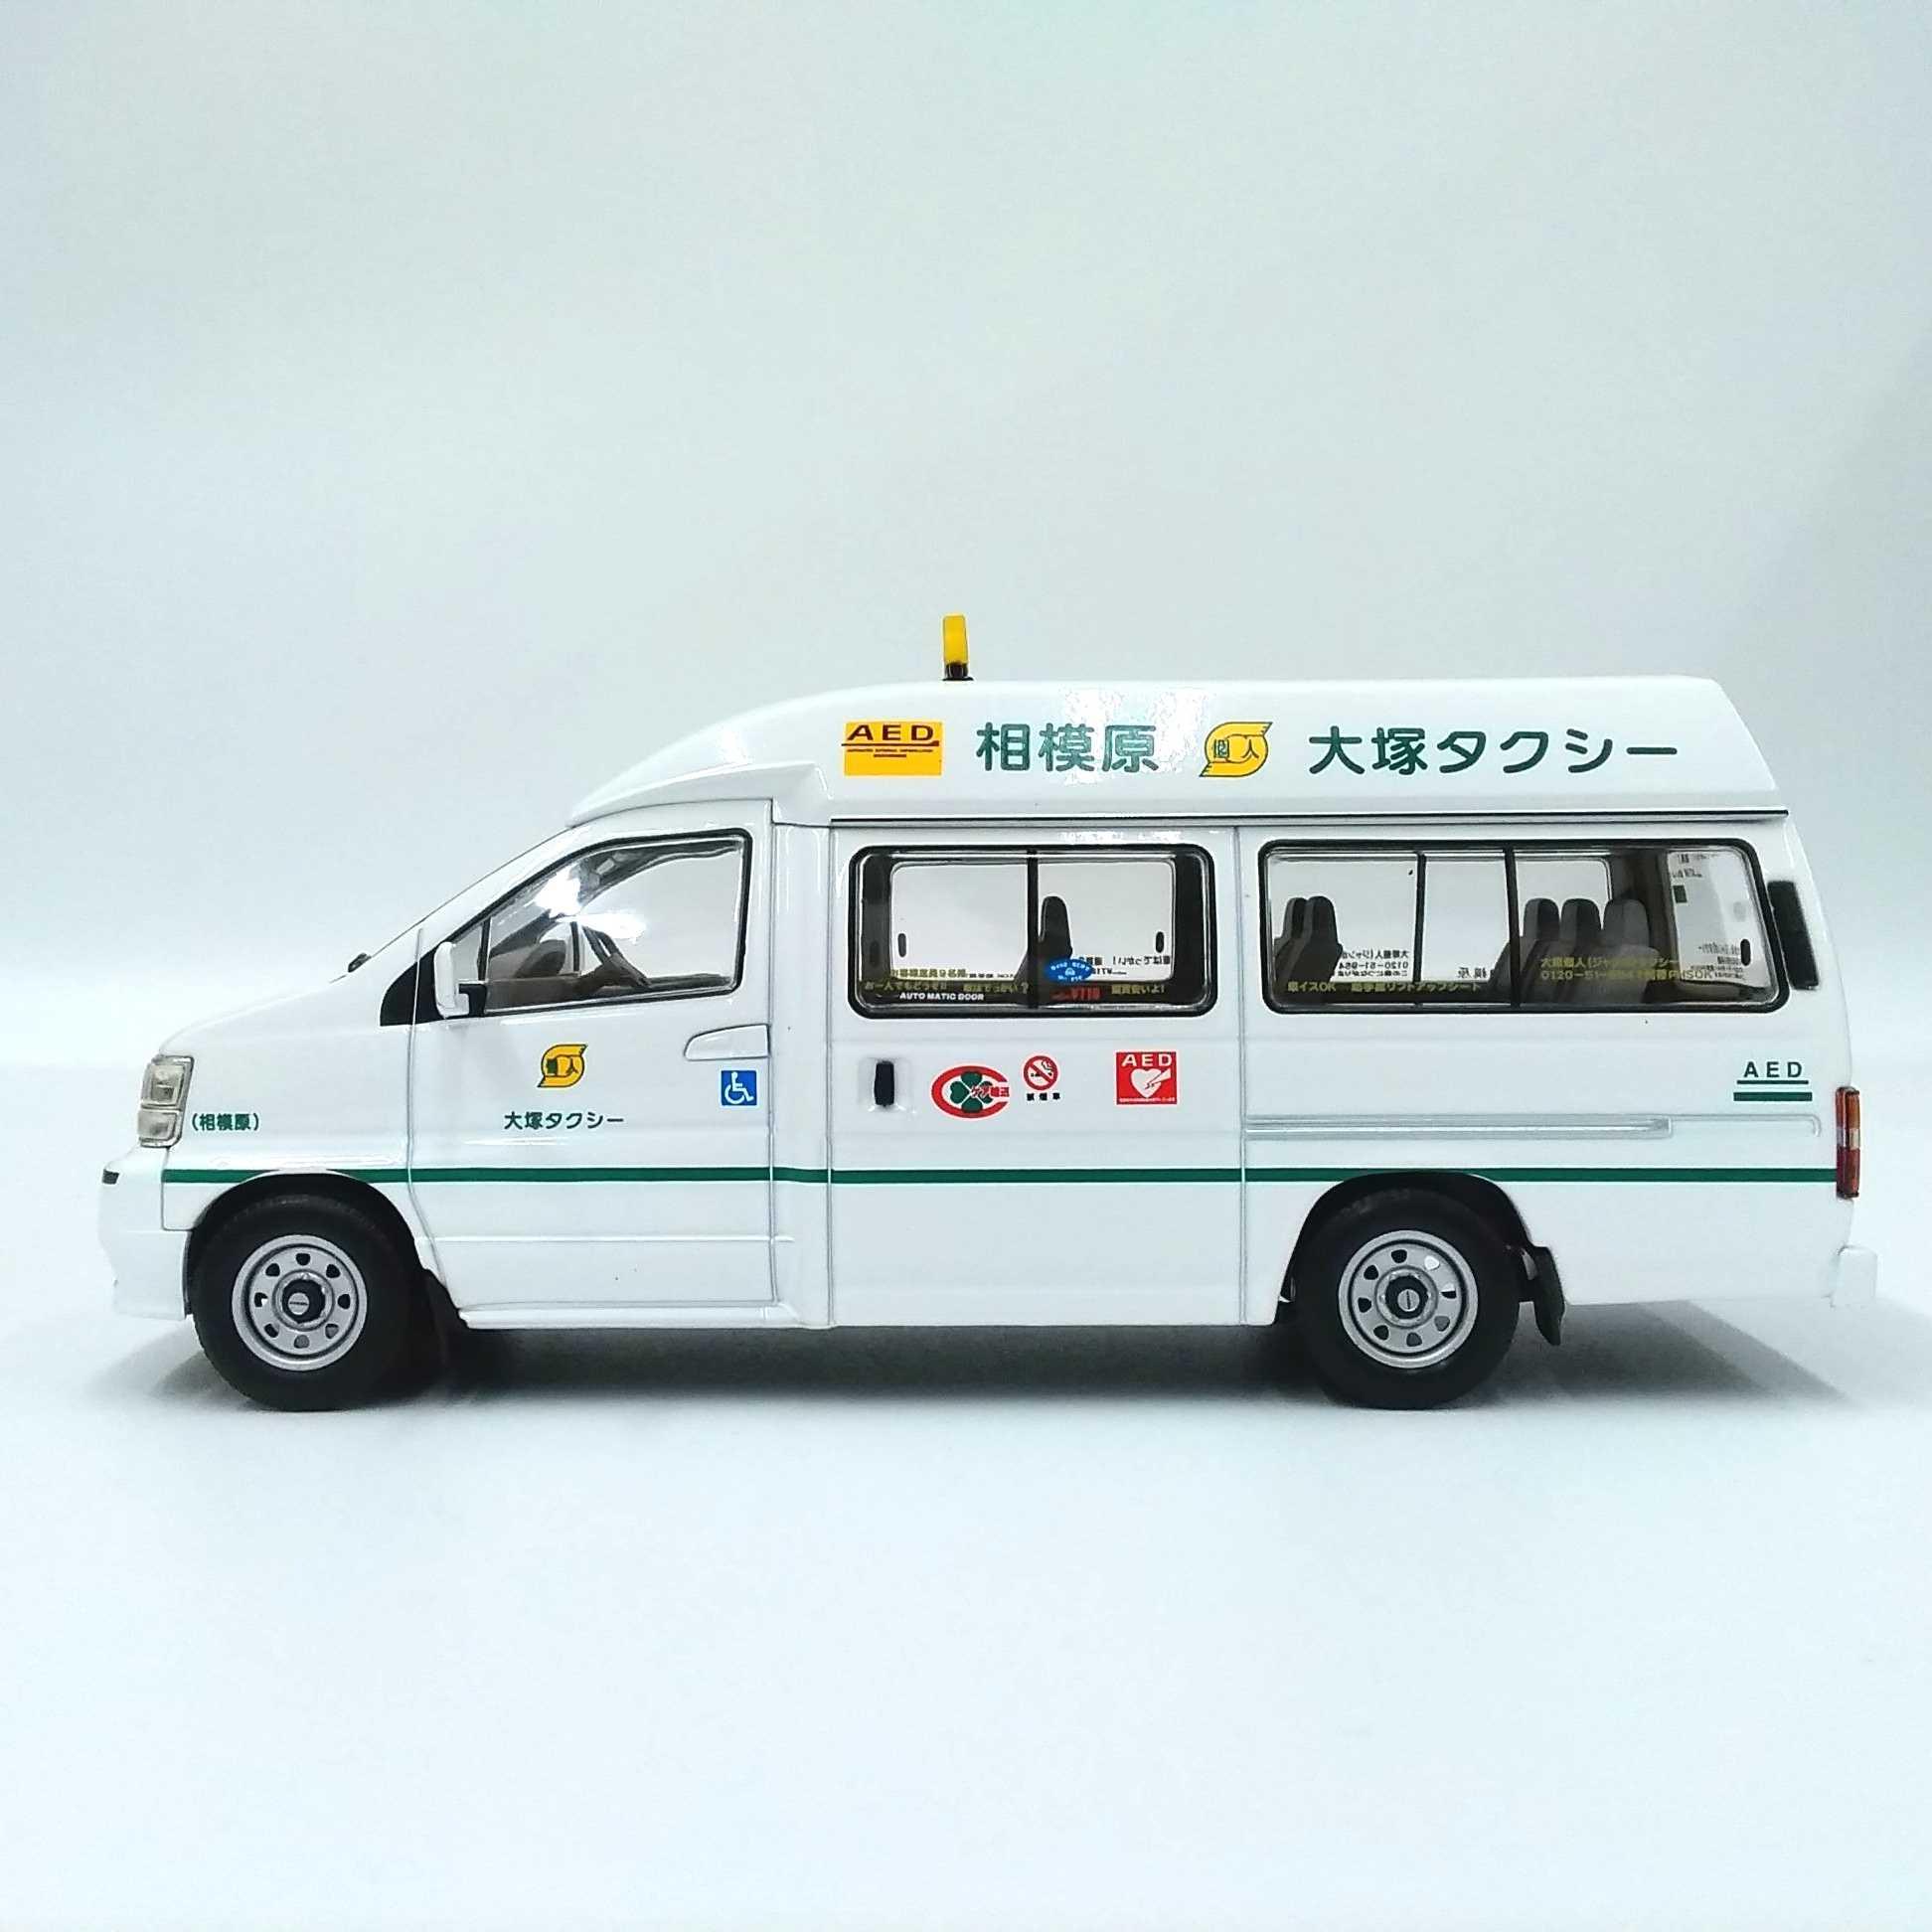 日産 エルグランド 大塚個人タクシー|TOMYTEC